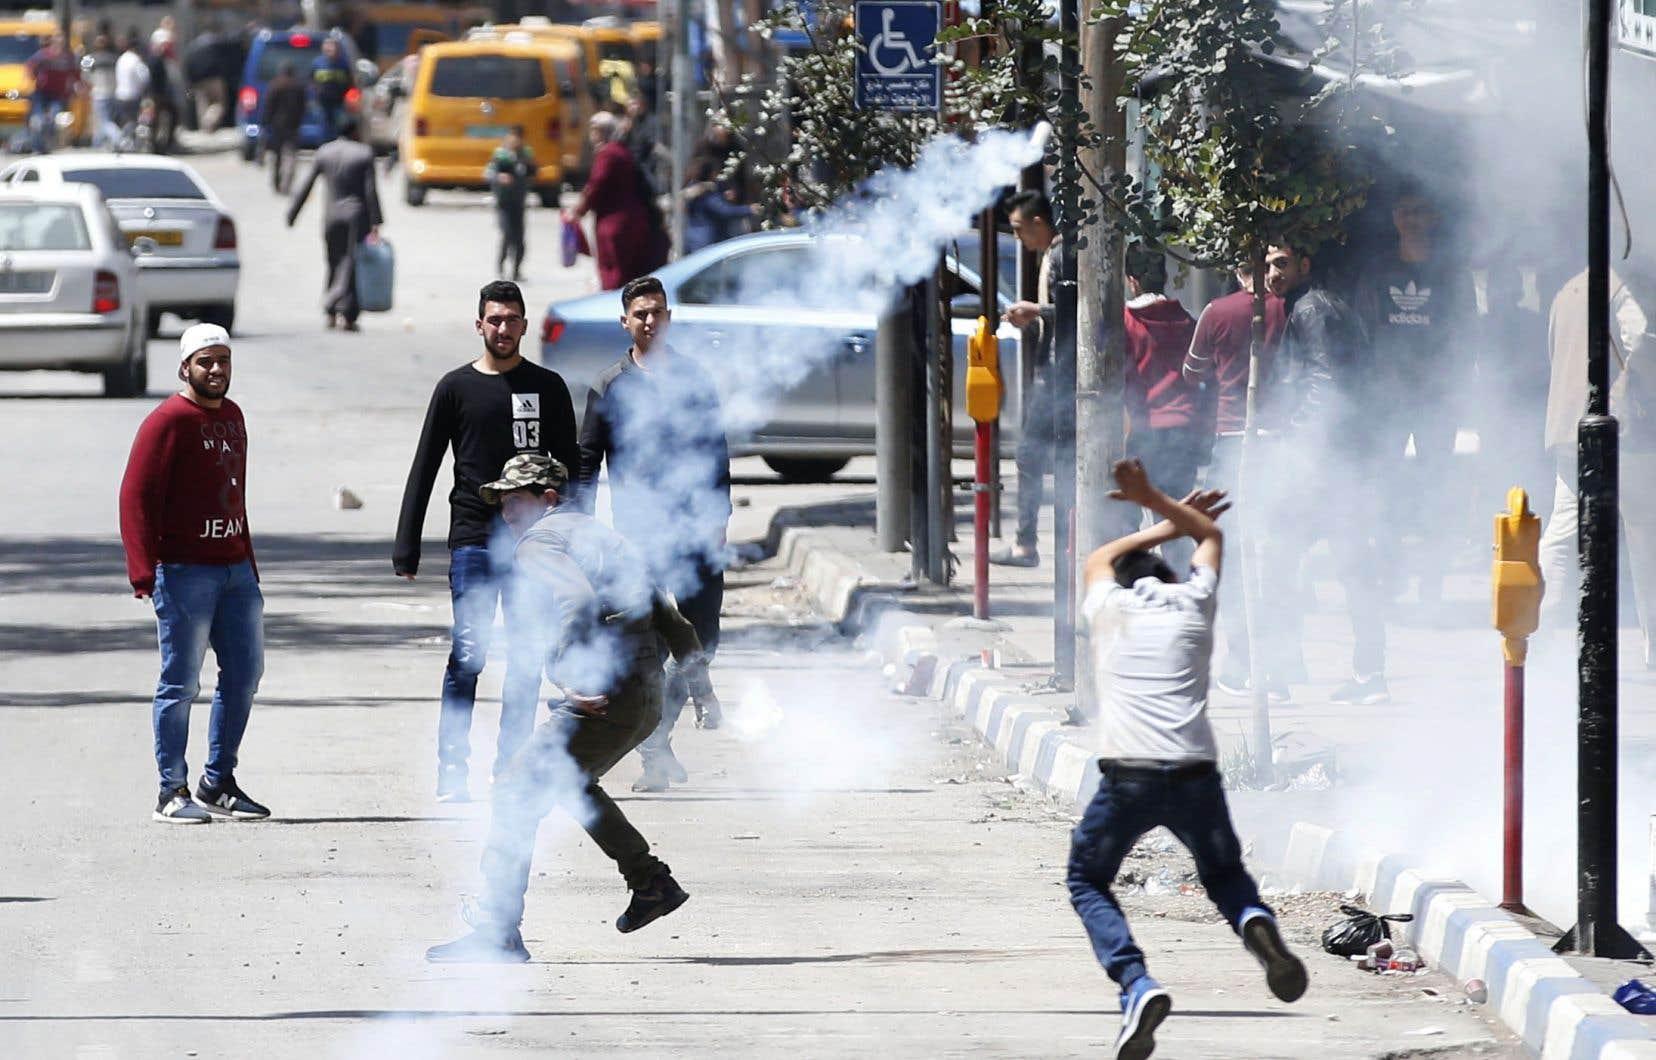 Une scène d'affrontement entre les forces israéliennes et des manifestants palestiniens dans la ville occupée d'Hébron, en Cisjordanie, samedi